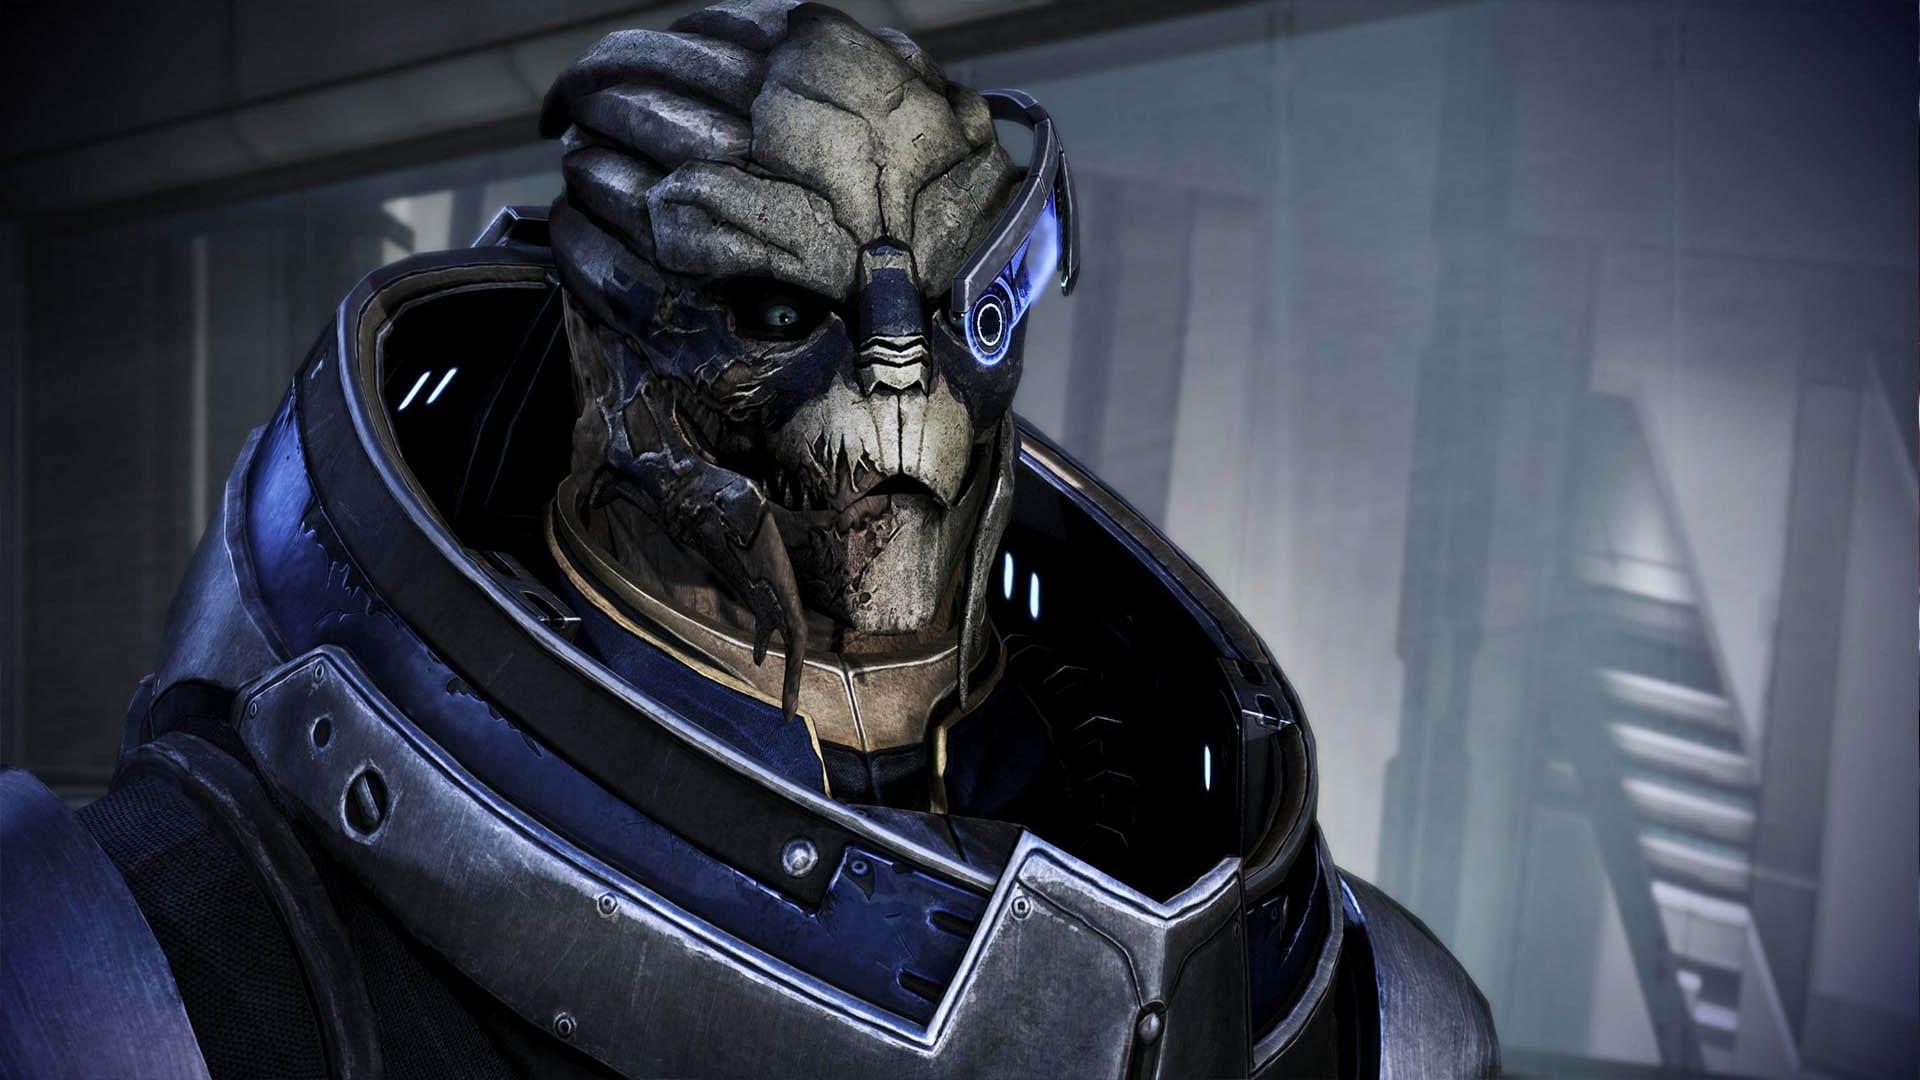 Romanzen Mass Effect 3 - Garrus